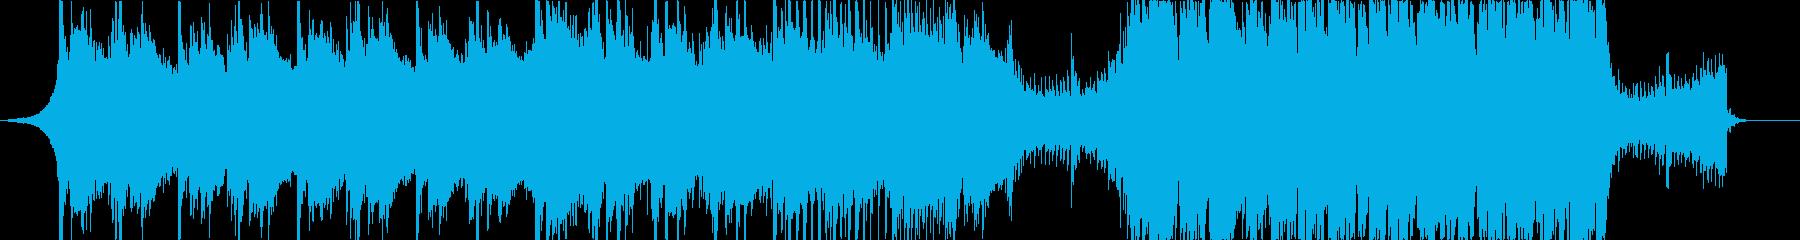 企業VP Future Bass・神秘的の再生済みの波形